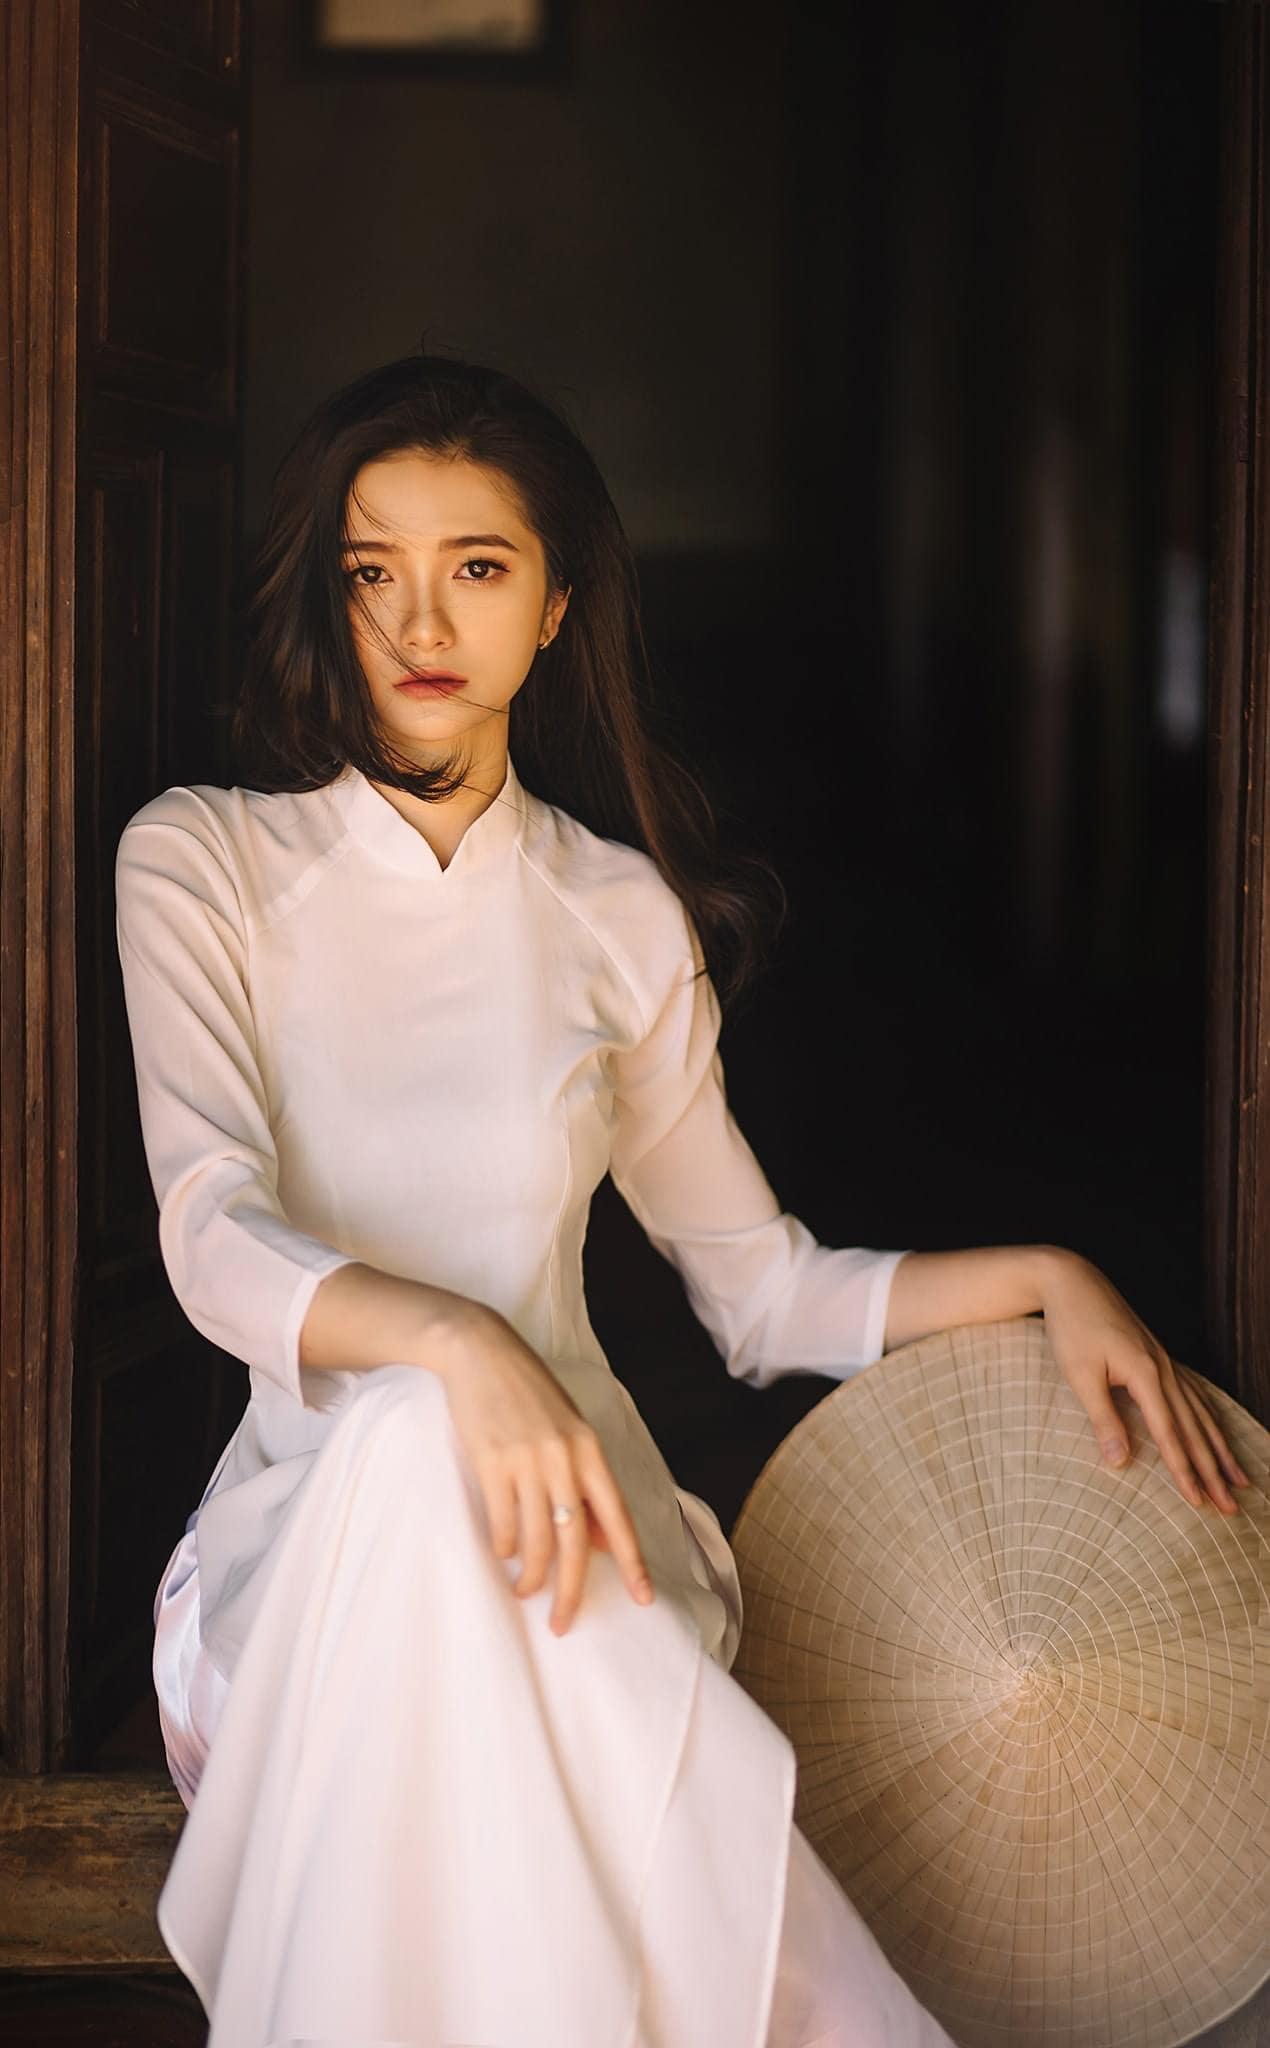 Ao dai chup ngoi 2 min - 49 cách tạo dáng chụp ảnh với áo dài tuyệt đẹp - HThao Studio